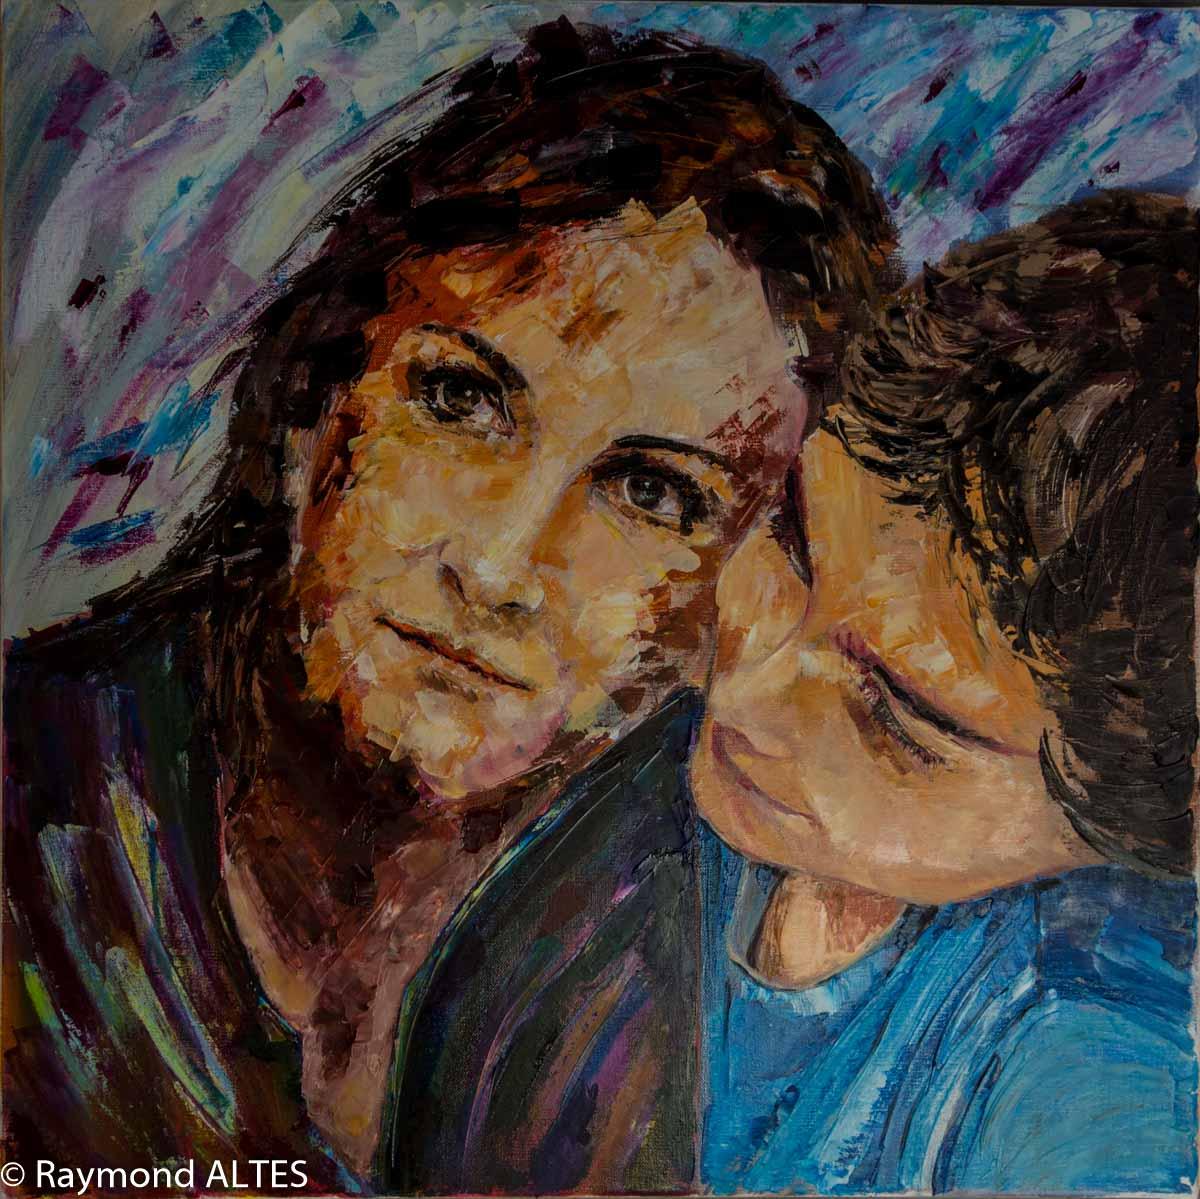 Peinture : La mère et l'enfant